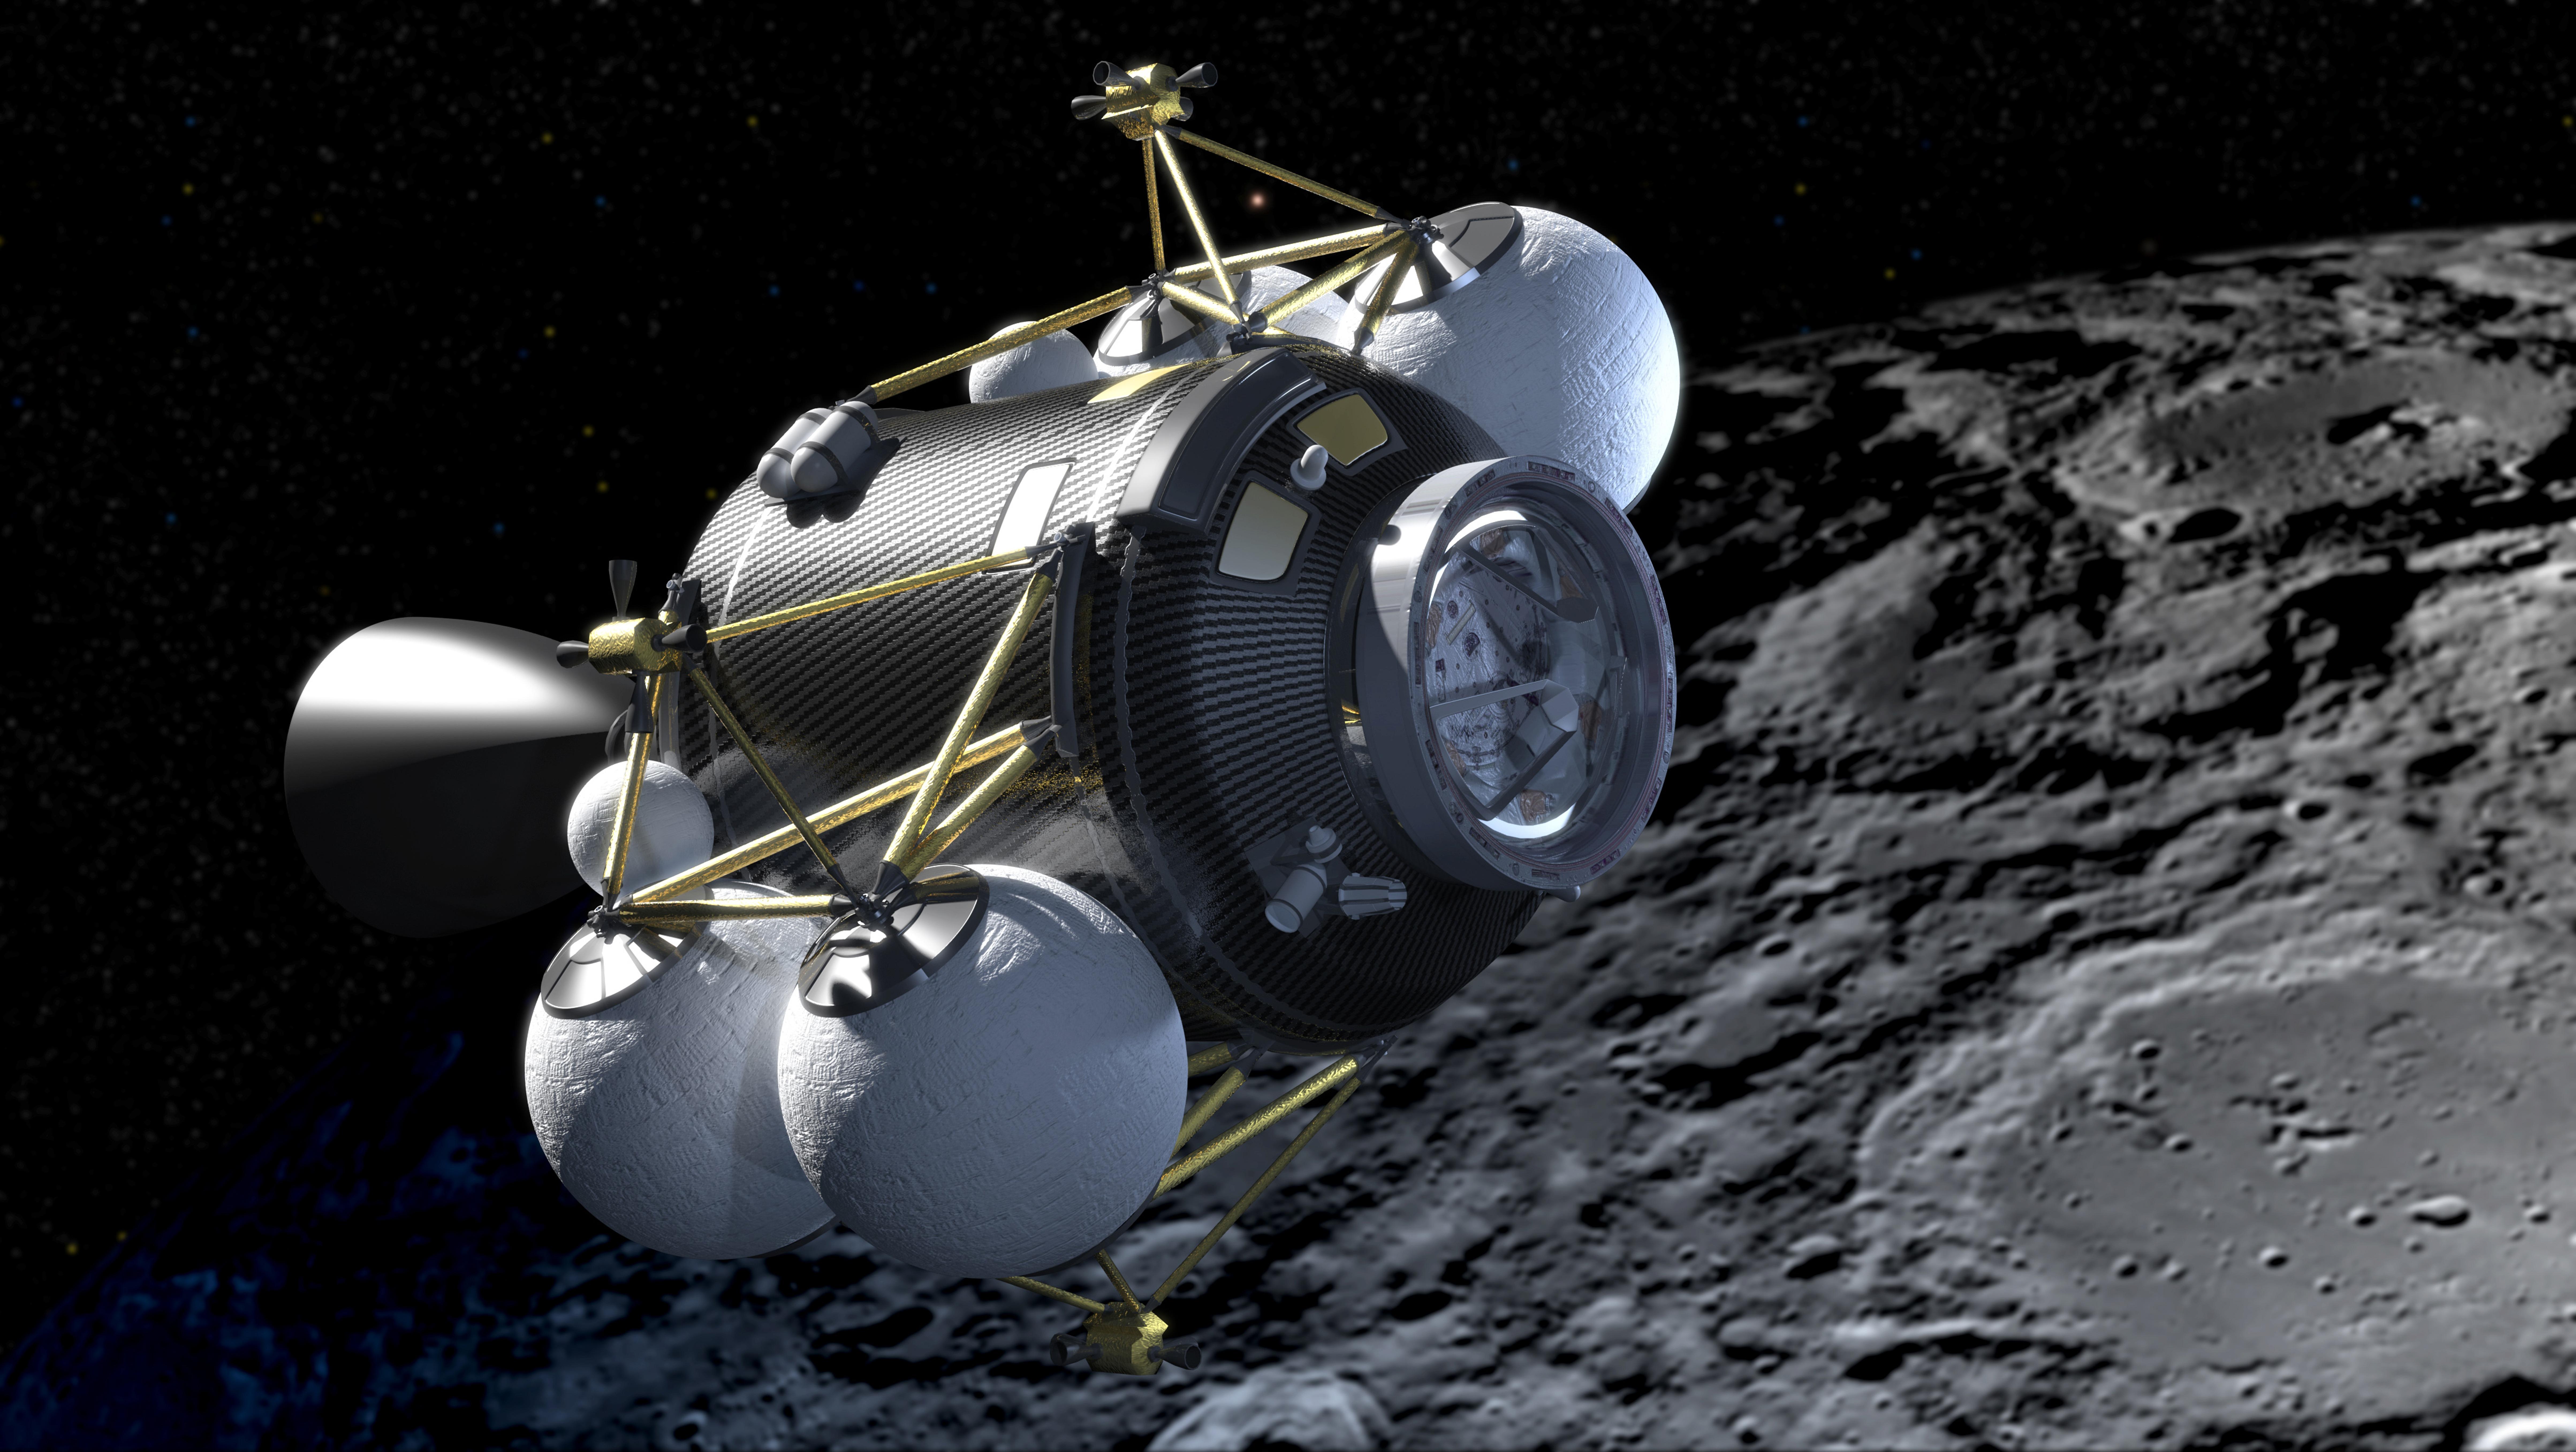 lunar landing spacecraft - photo #29